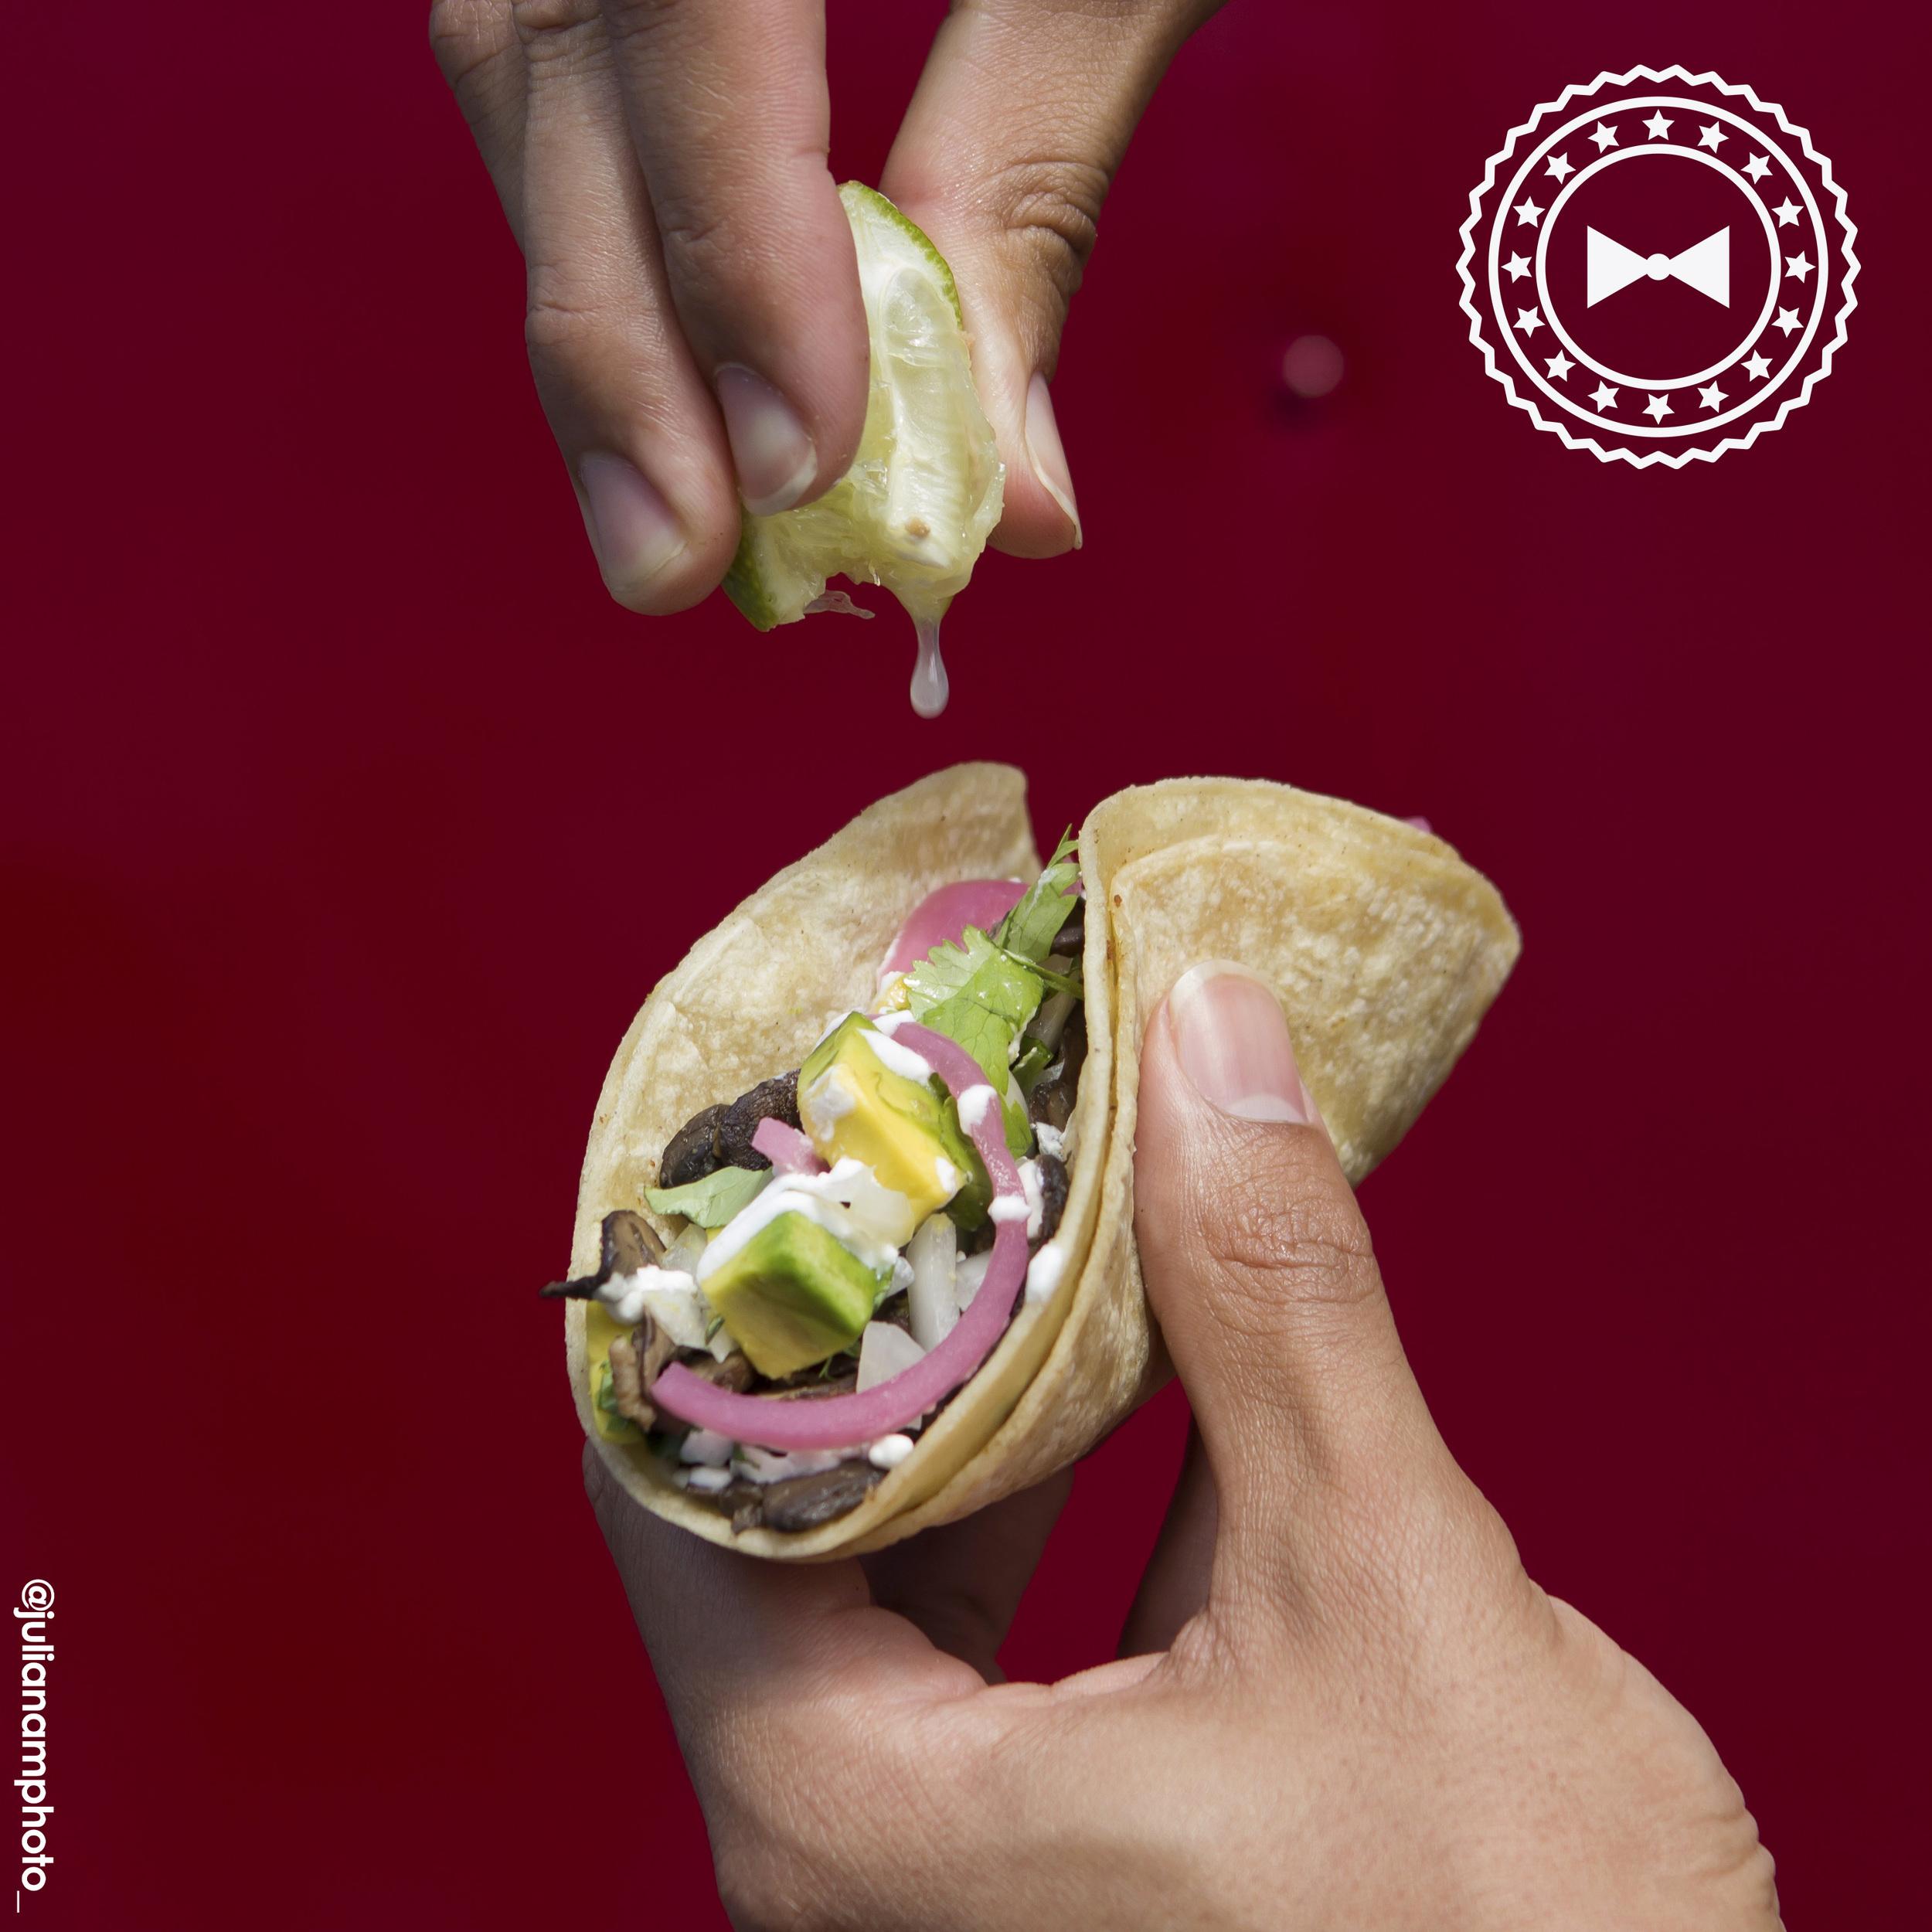 Taco vegetariano, de La Taquería